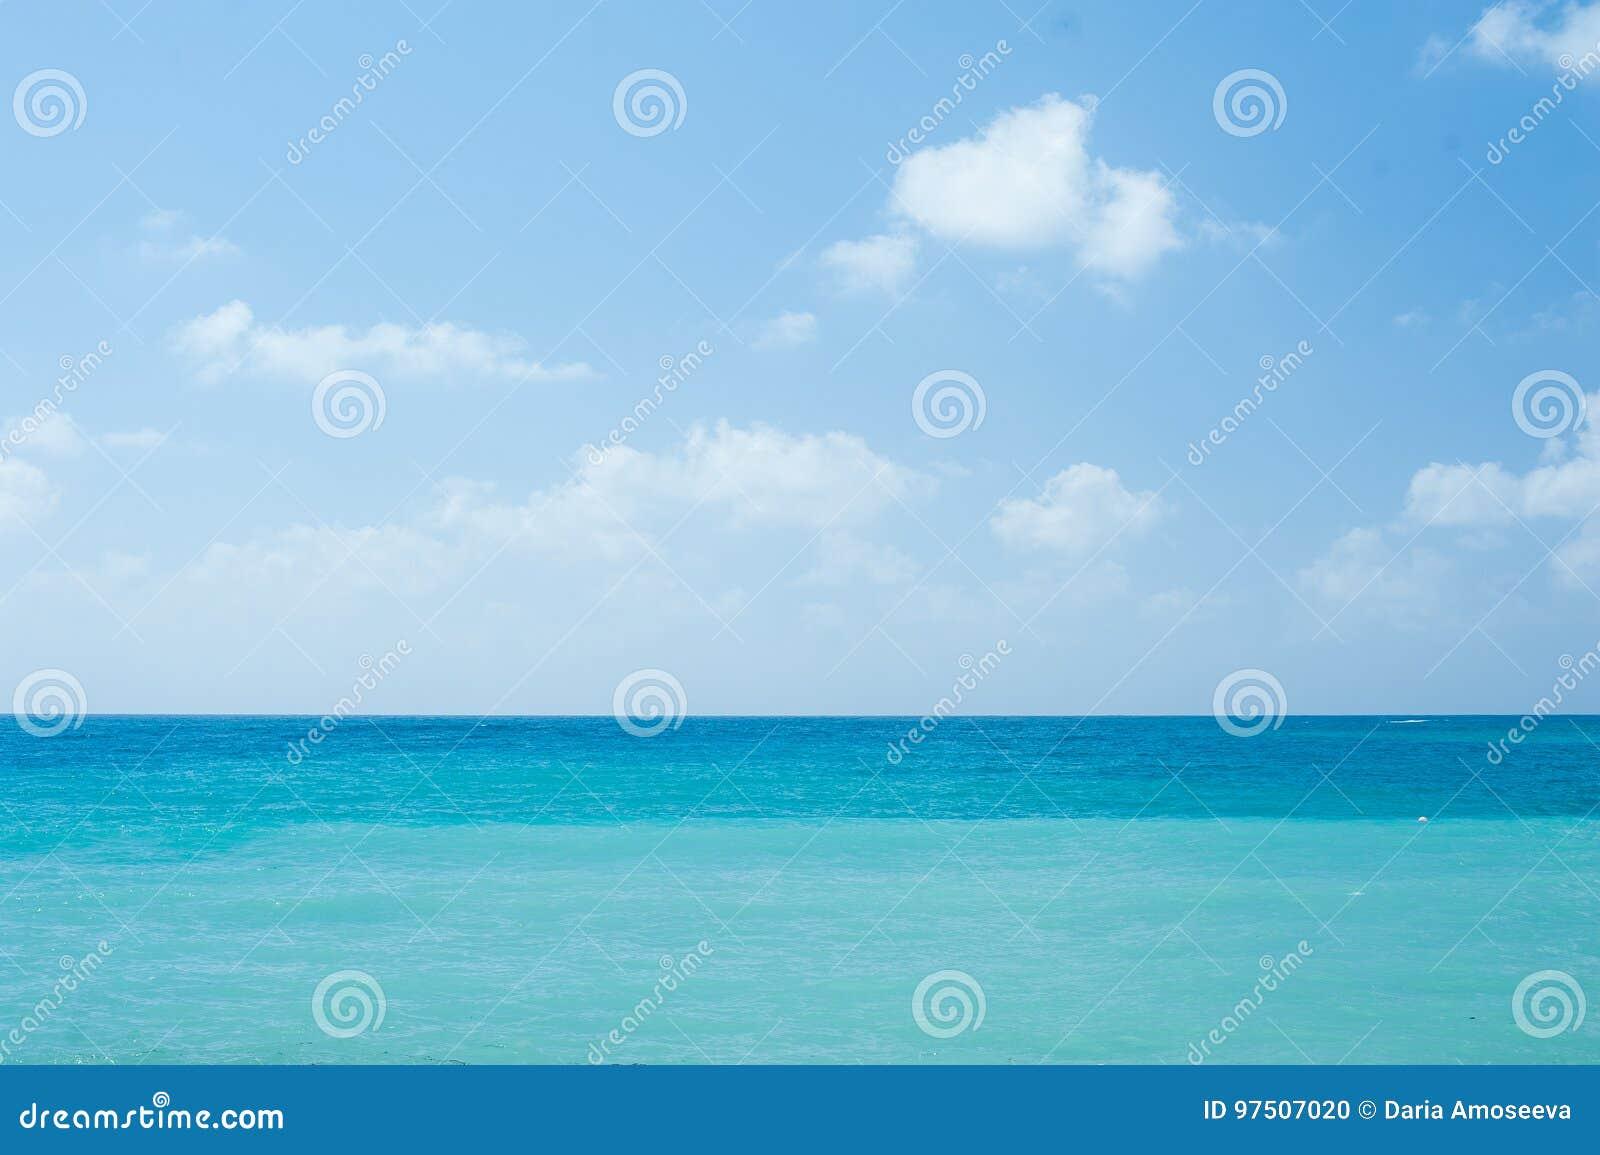 Perfect tropikalna biała piaskowatej plaży i turkusu oceanu jasna woda - wakacje naturalny tło z błękitnym pogodnym niebem